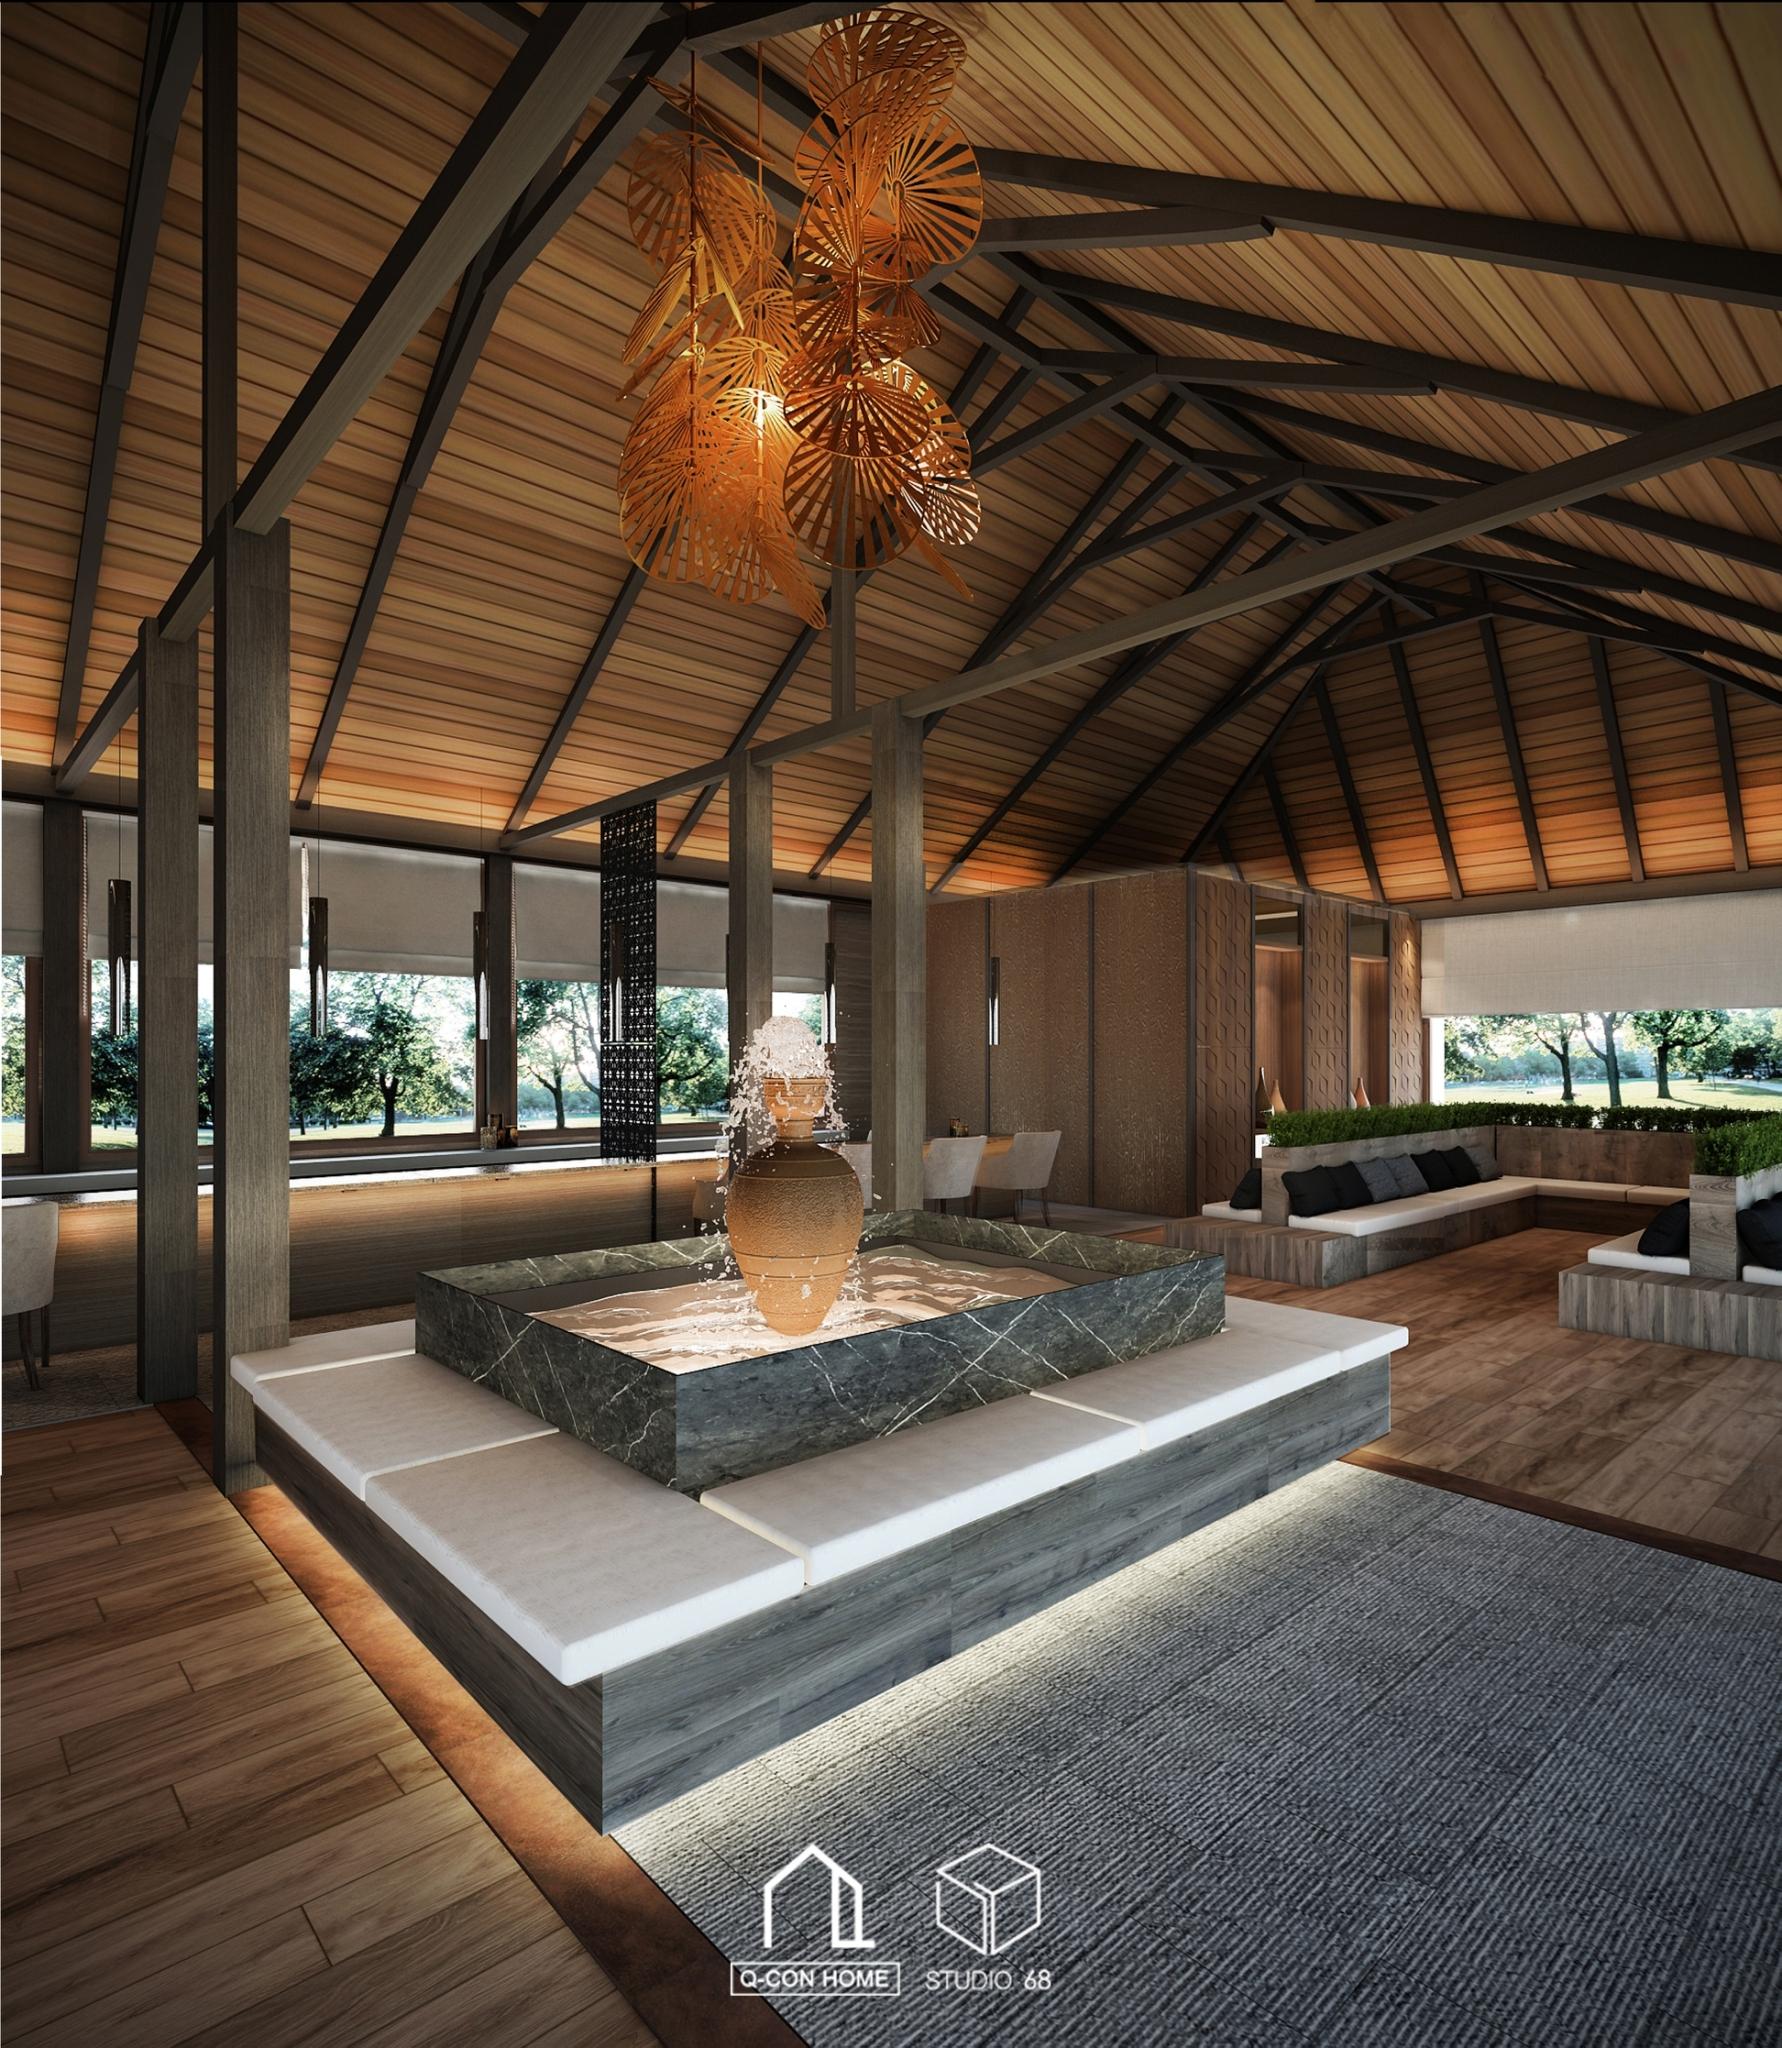 รับออกแบบโรงแรม, รับสร้างโรงแรม, บริษัทออกแบบโรงแรม, ออกแบบตกแต่งภายในโรงแรม, ตกแต่งภายในโรงแรม